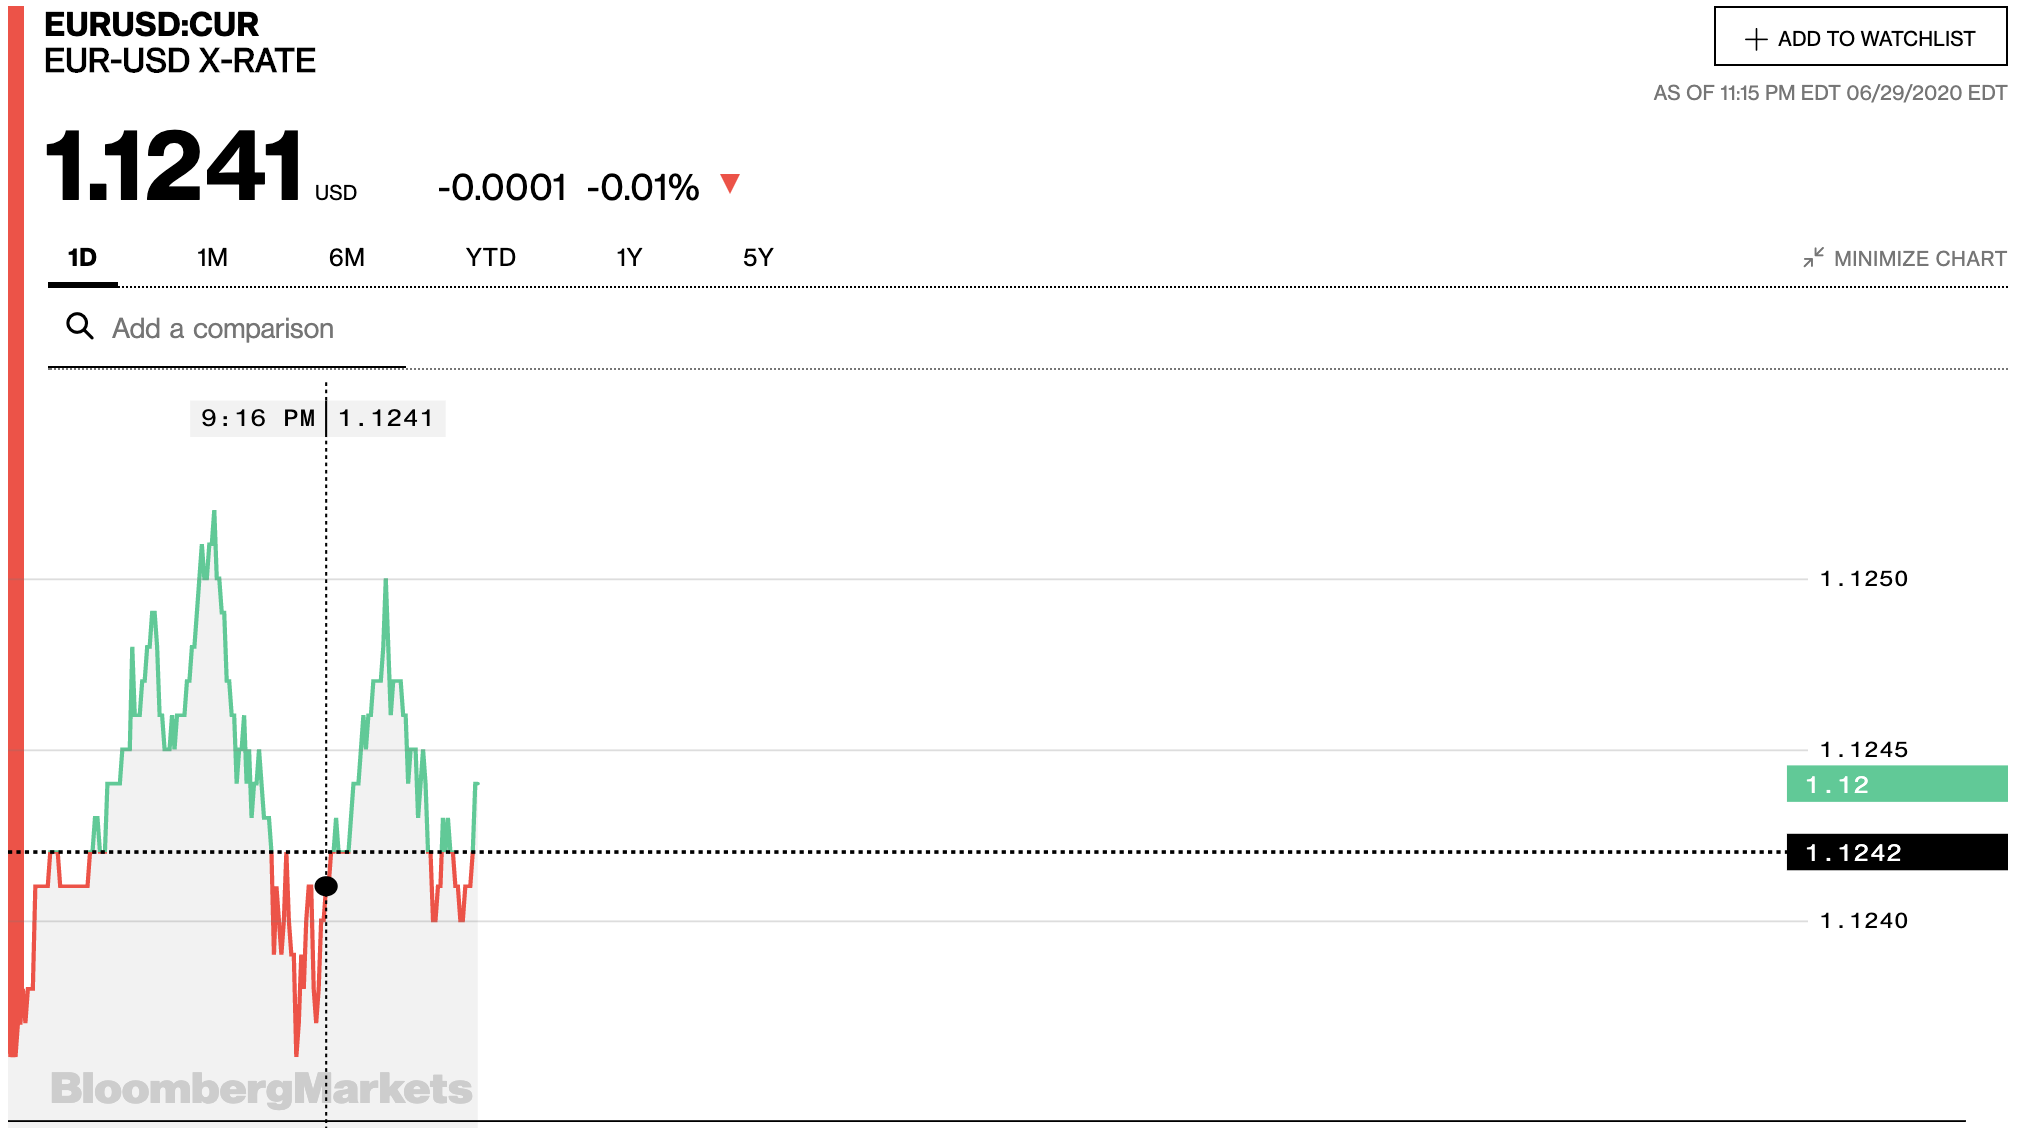 Tỷ giá euro hôm nay 30/6: Sacombank có giá mua cao nhất trong các ngân hàng - Ảnh 2.